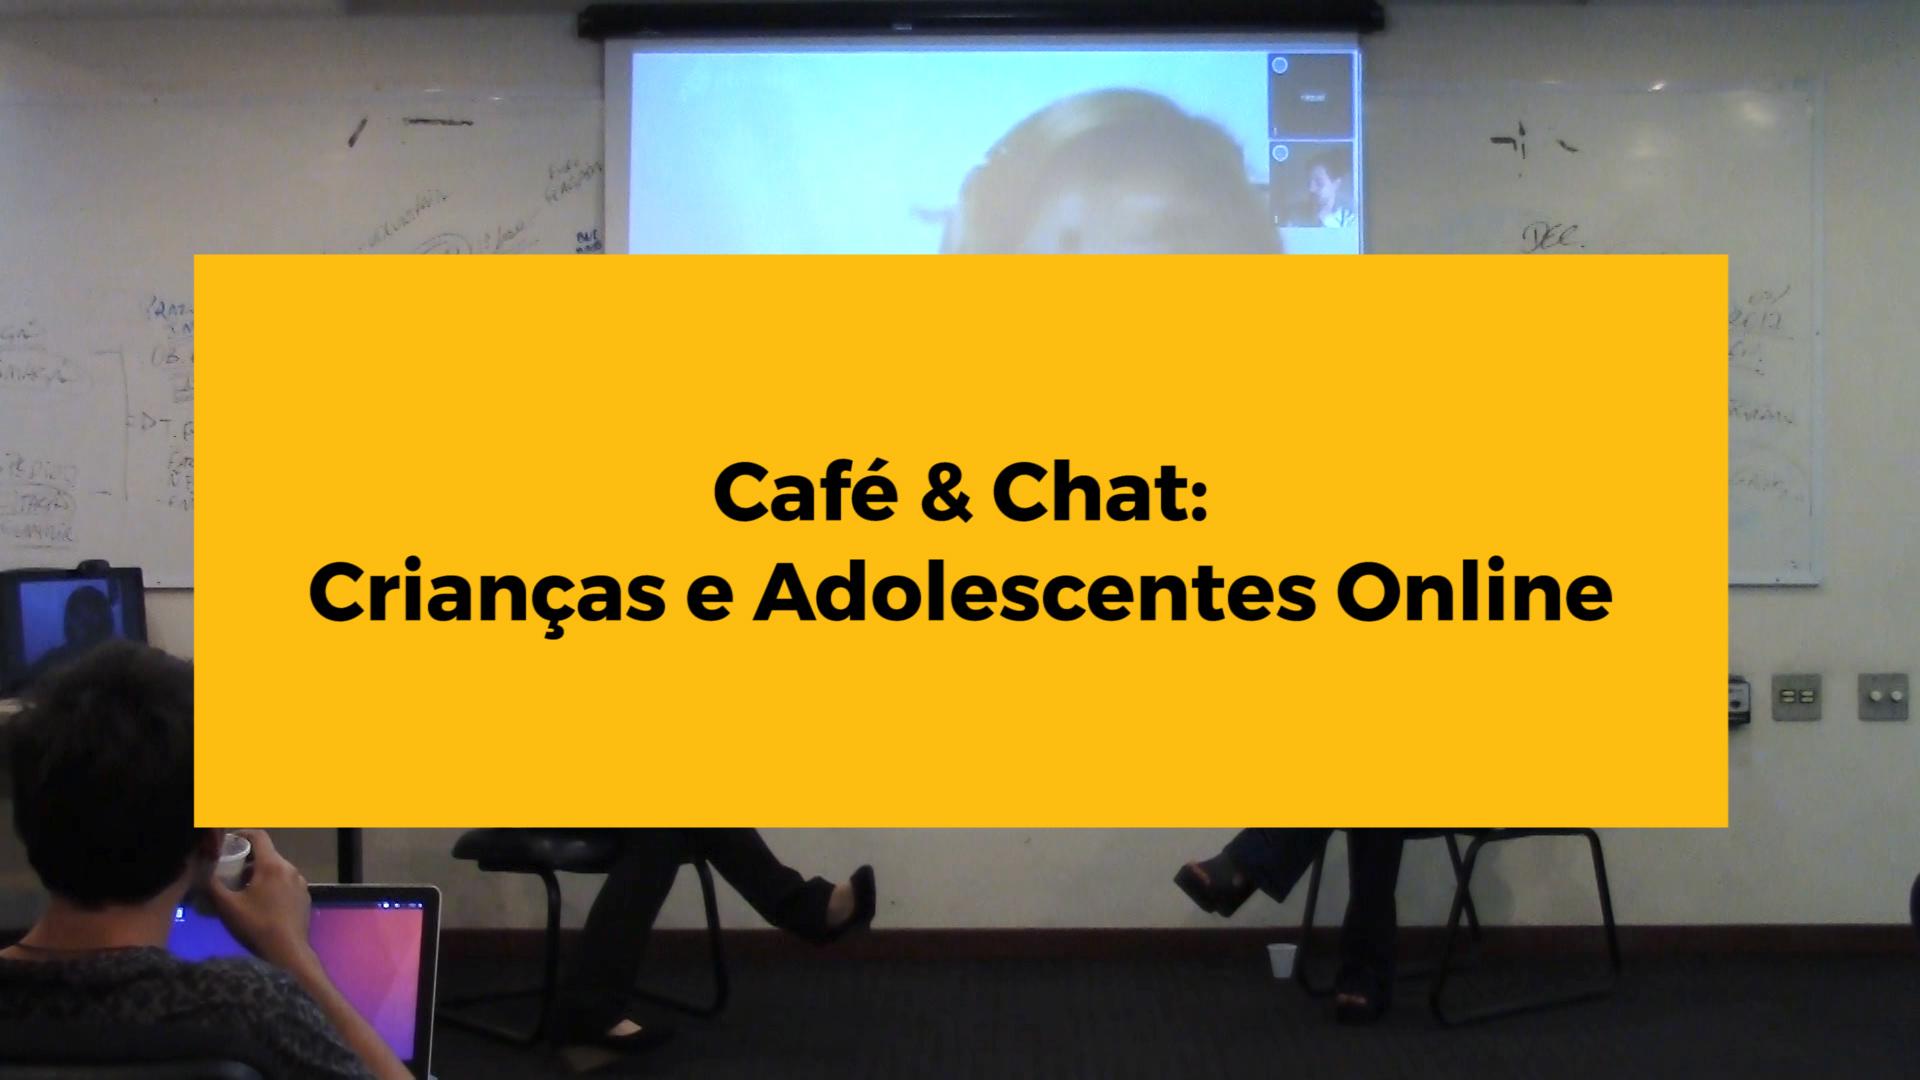 Crianças e Adolescentes Online, Inclusão e Proteção